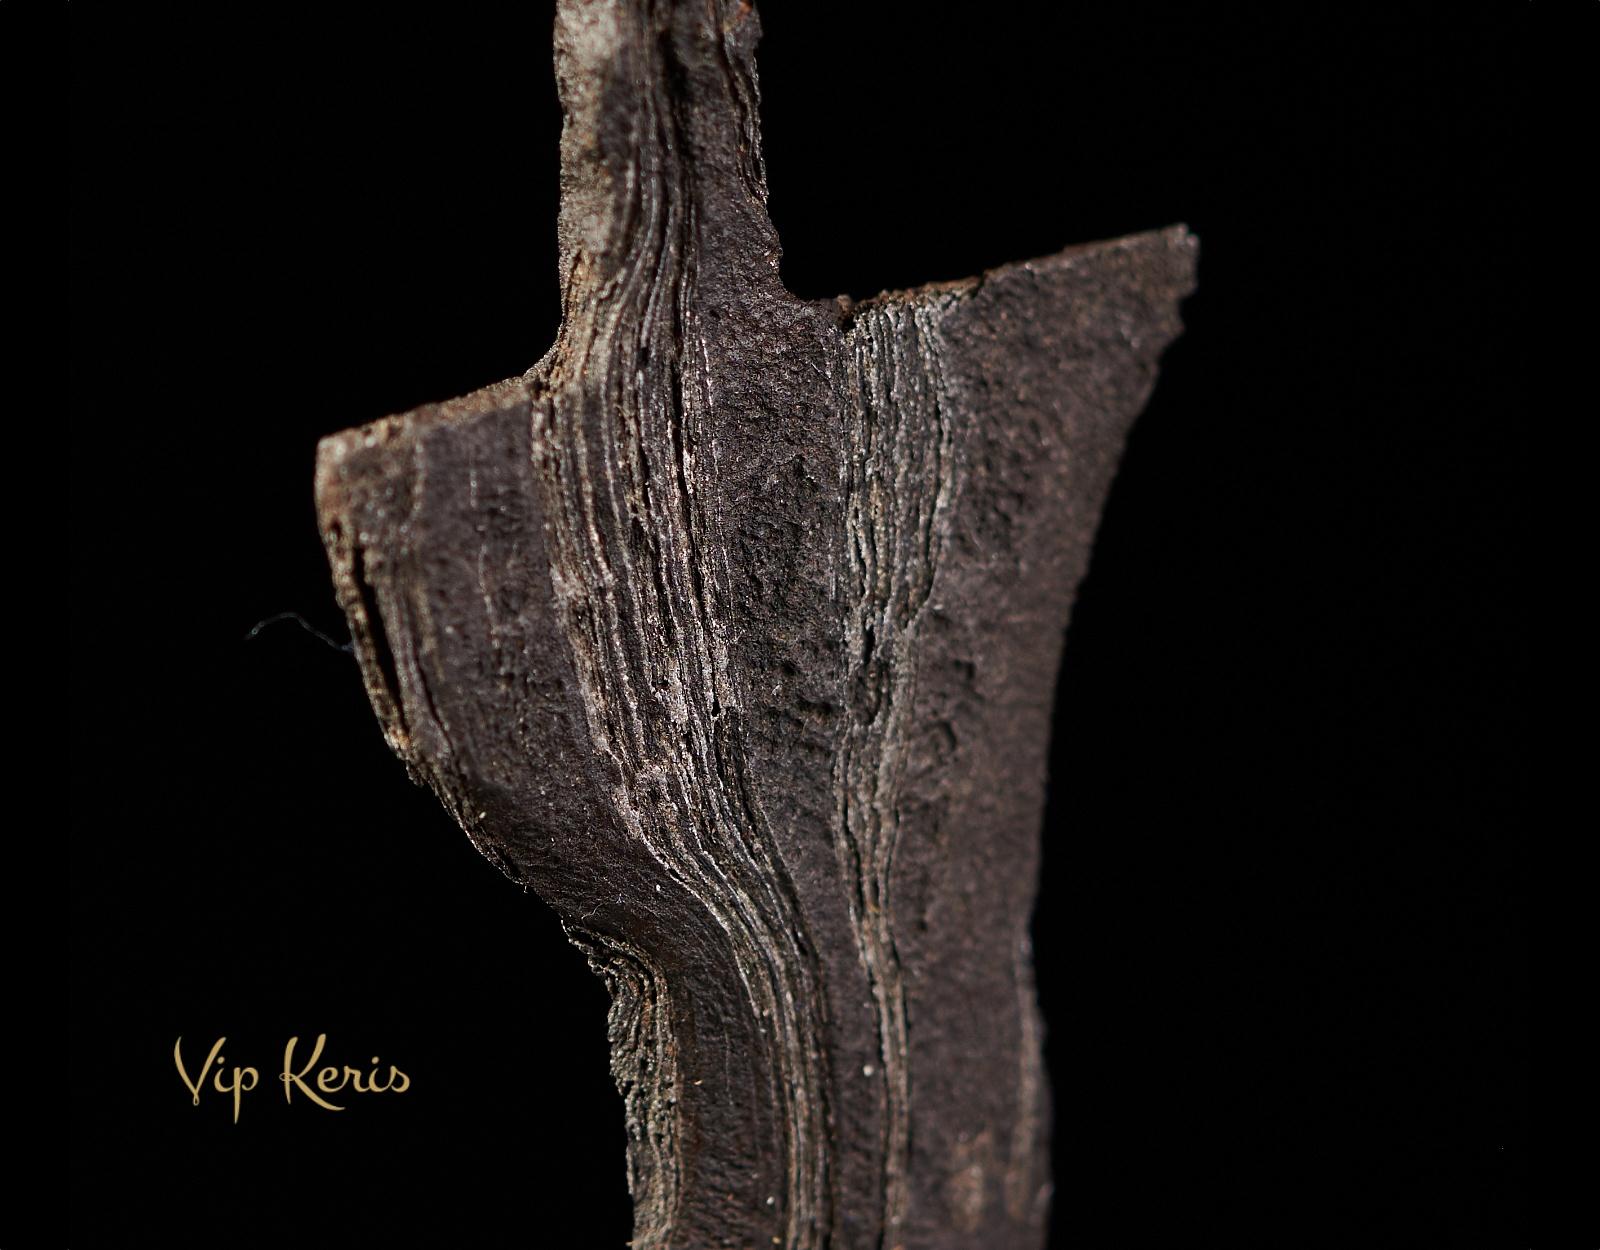 Пламевидный кинжал Крис Sajen Luk5 фото VipKeris